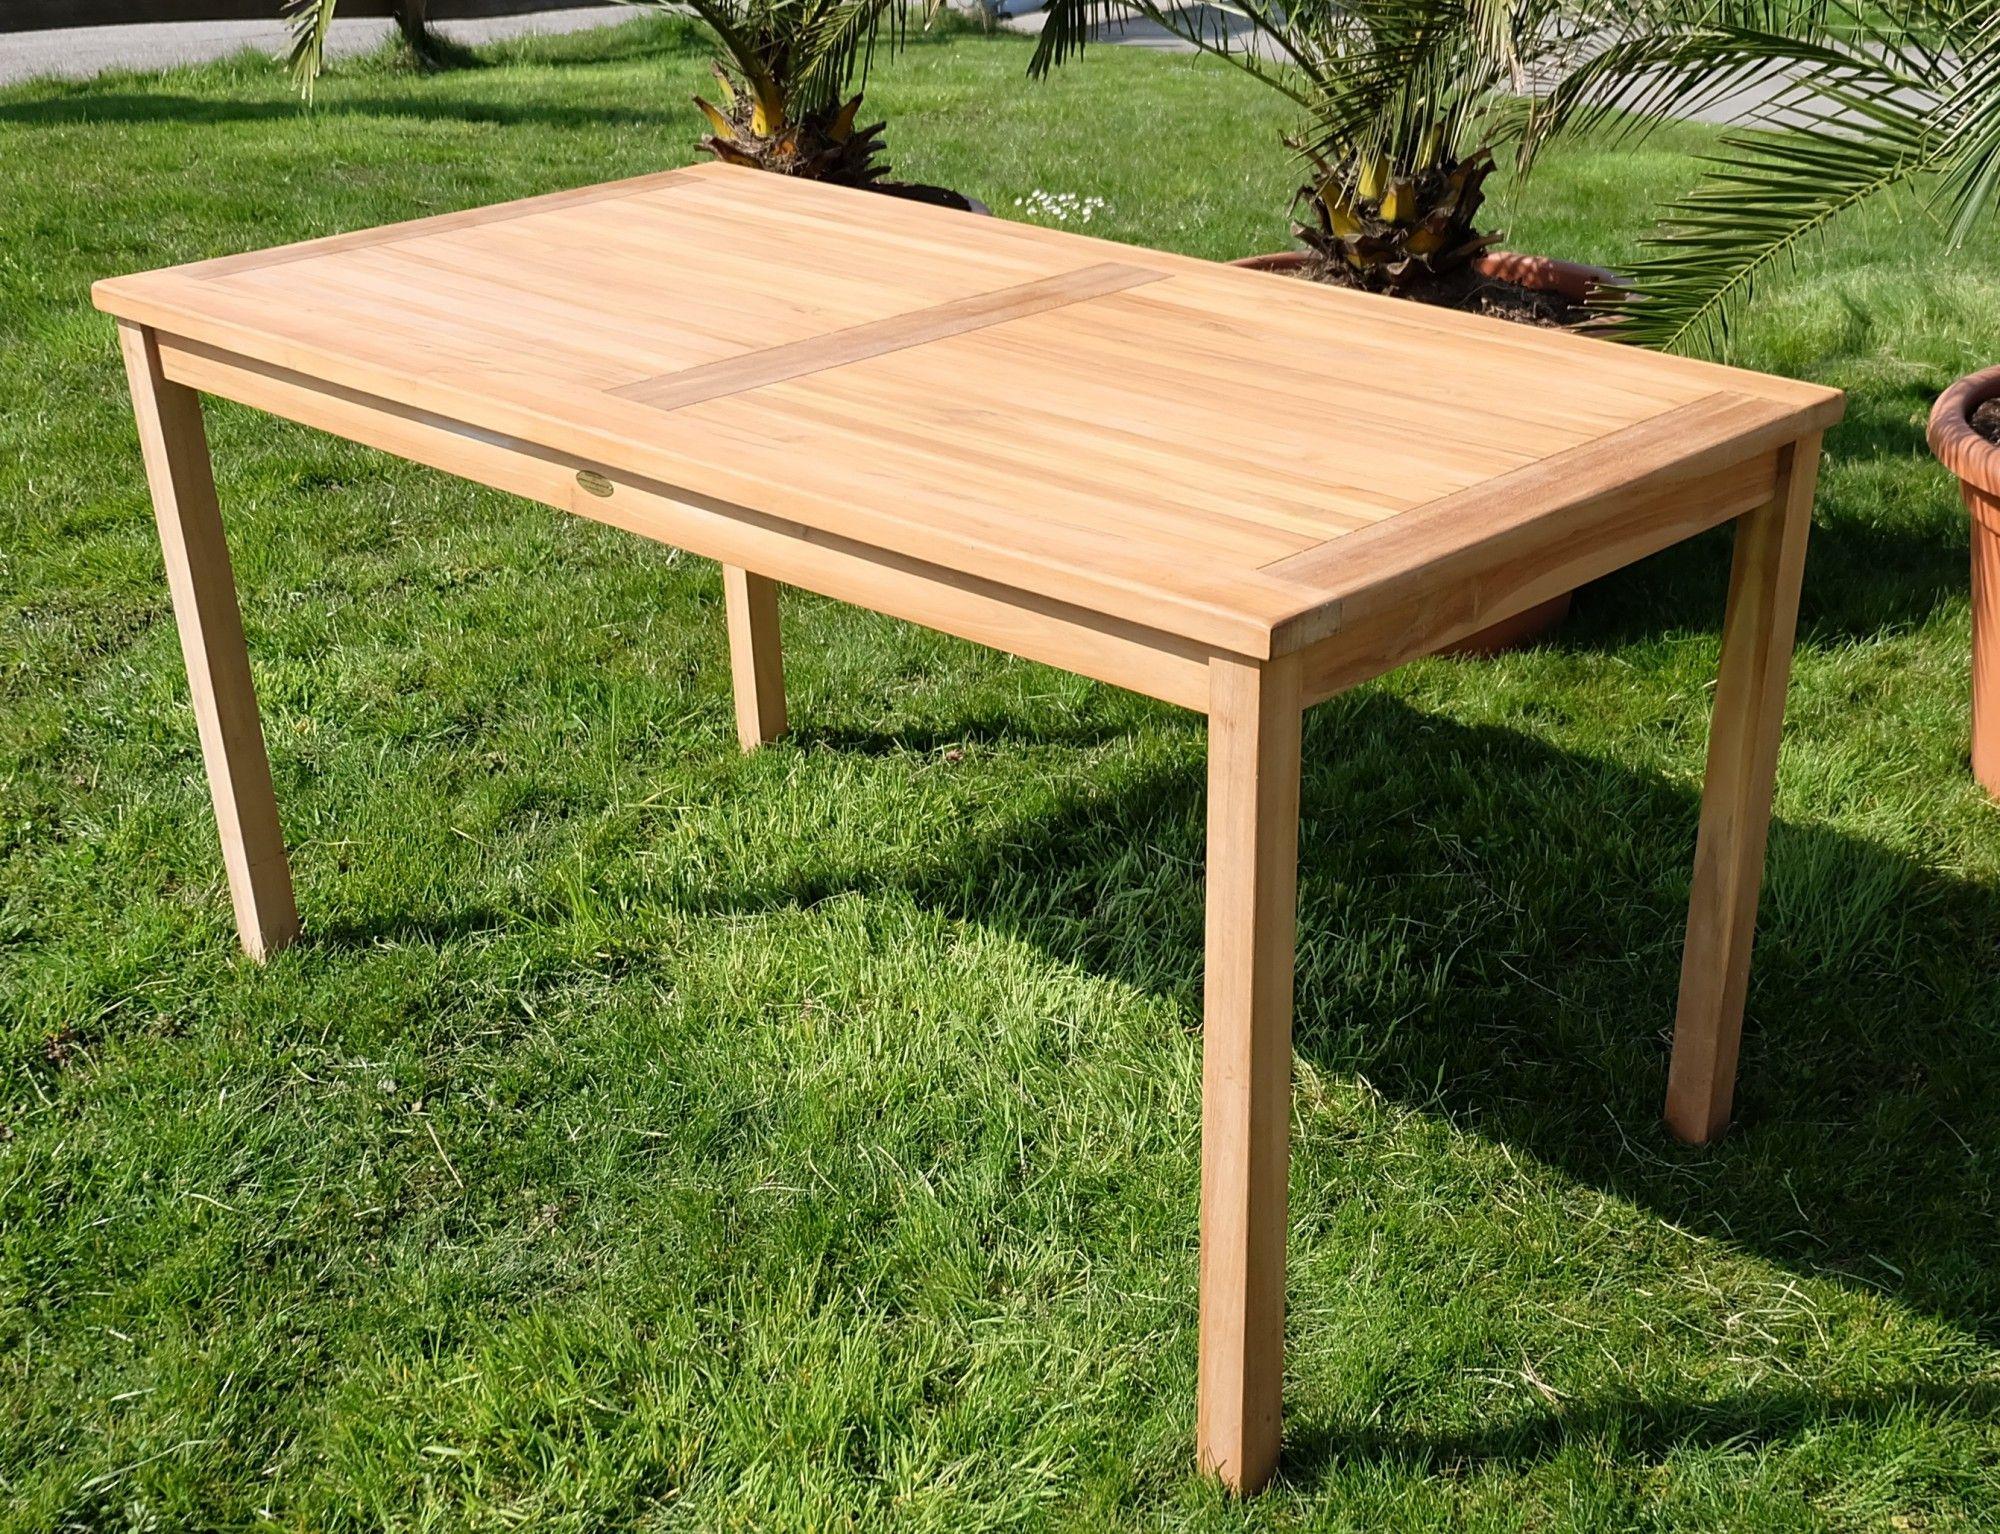 Good Teak Xl Holztisch Gartentisch Garten Tisch Xcm Gartenmbel Holz Gelt  Sehr Robust Modell Alpen Alles With Gartentisch Holz